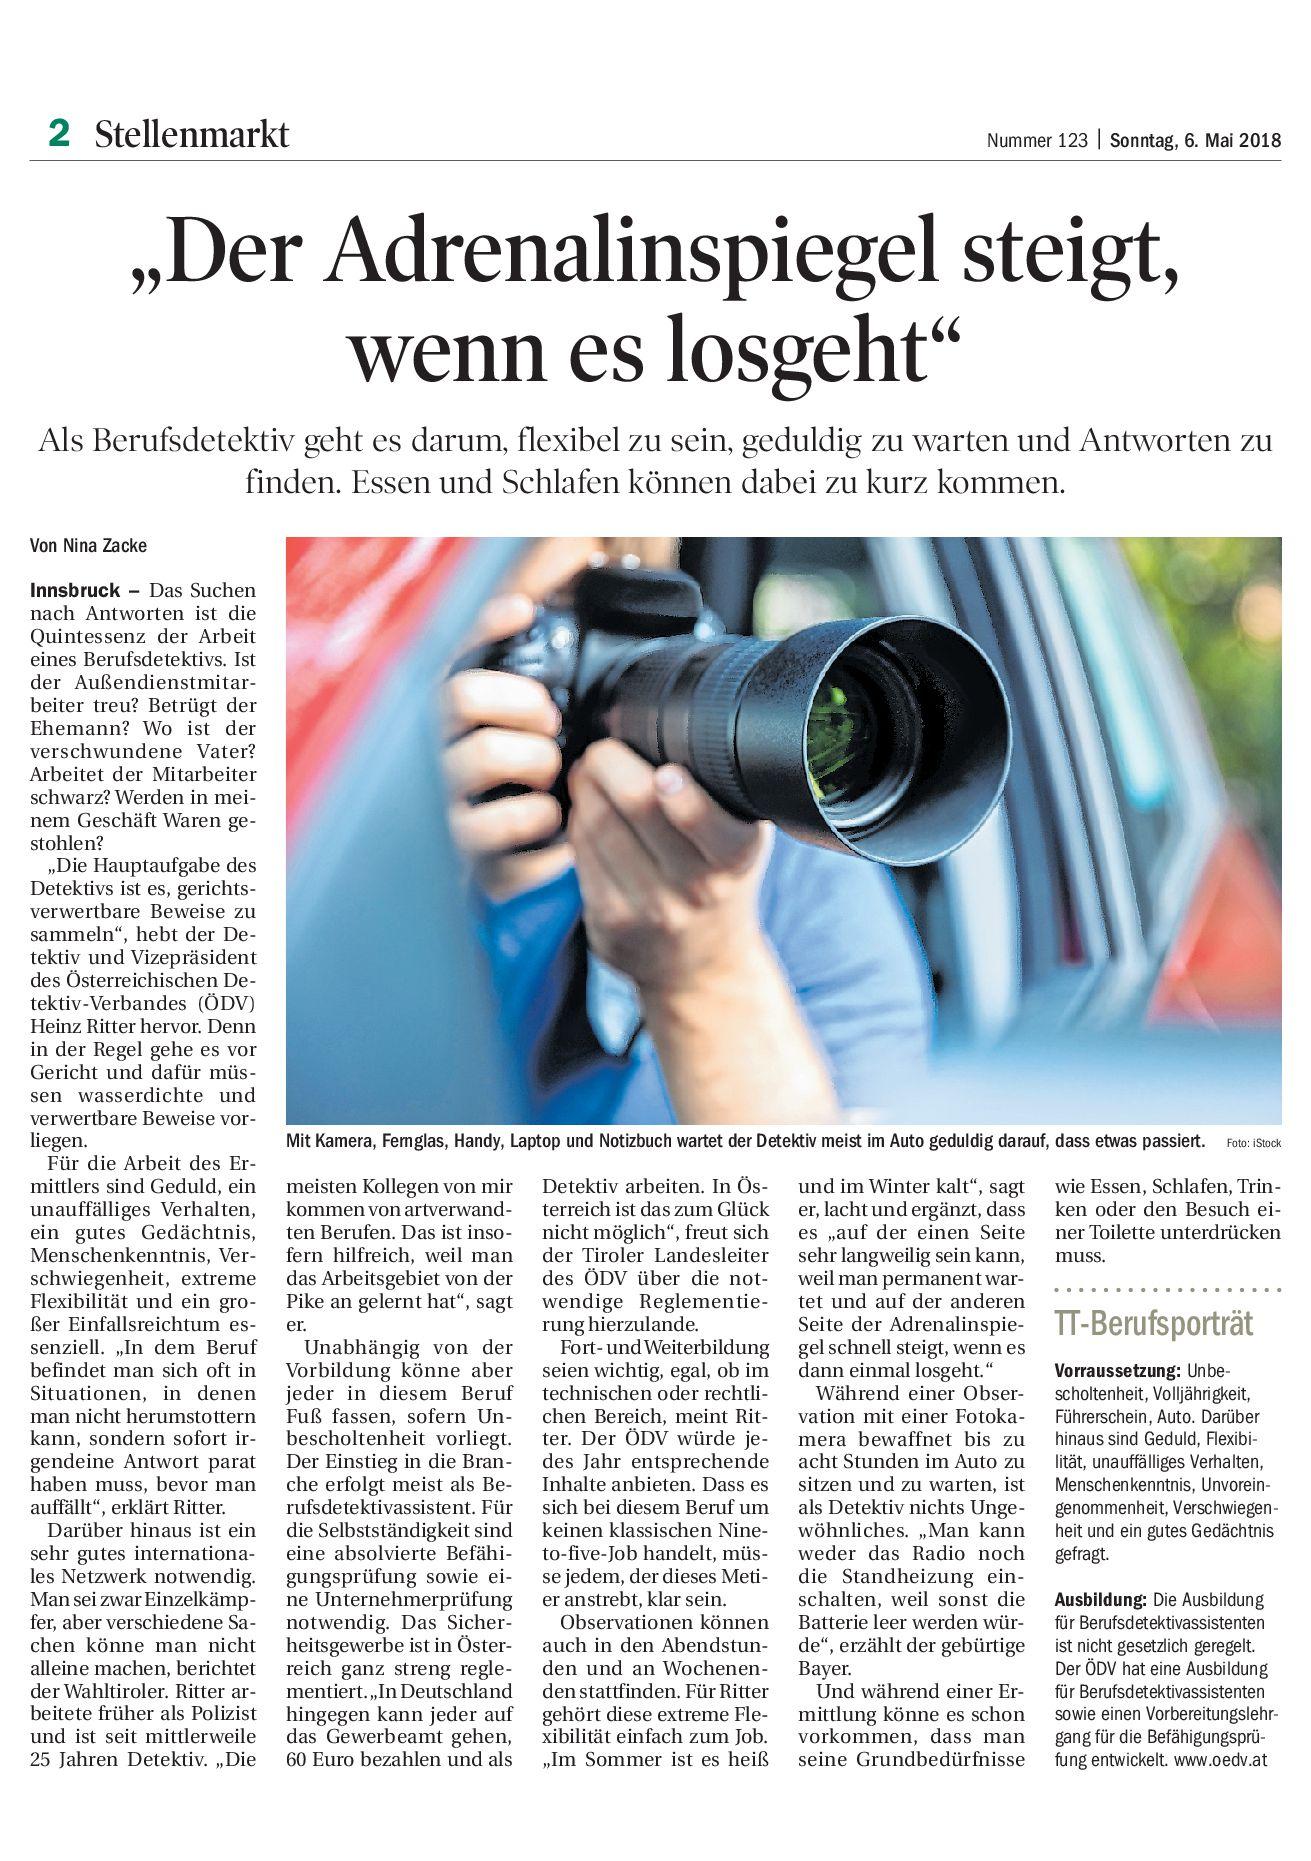 Detektei Kobra in der Tiroler Tageszeitung